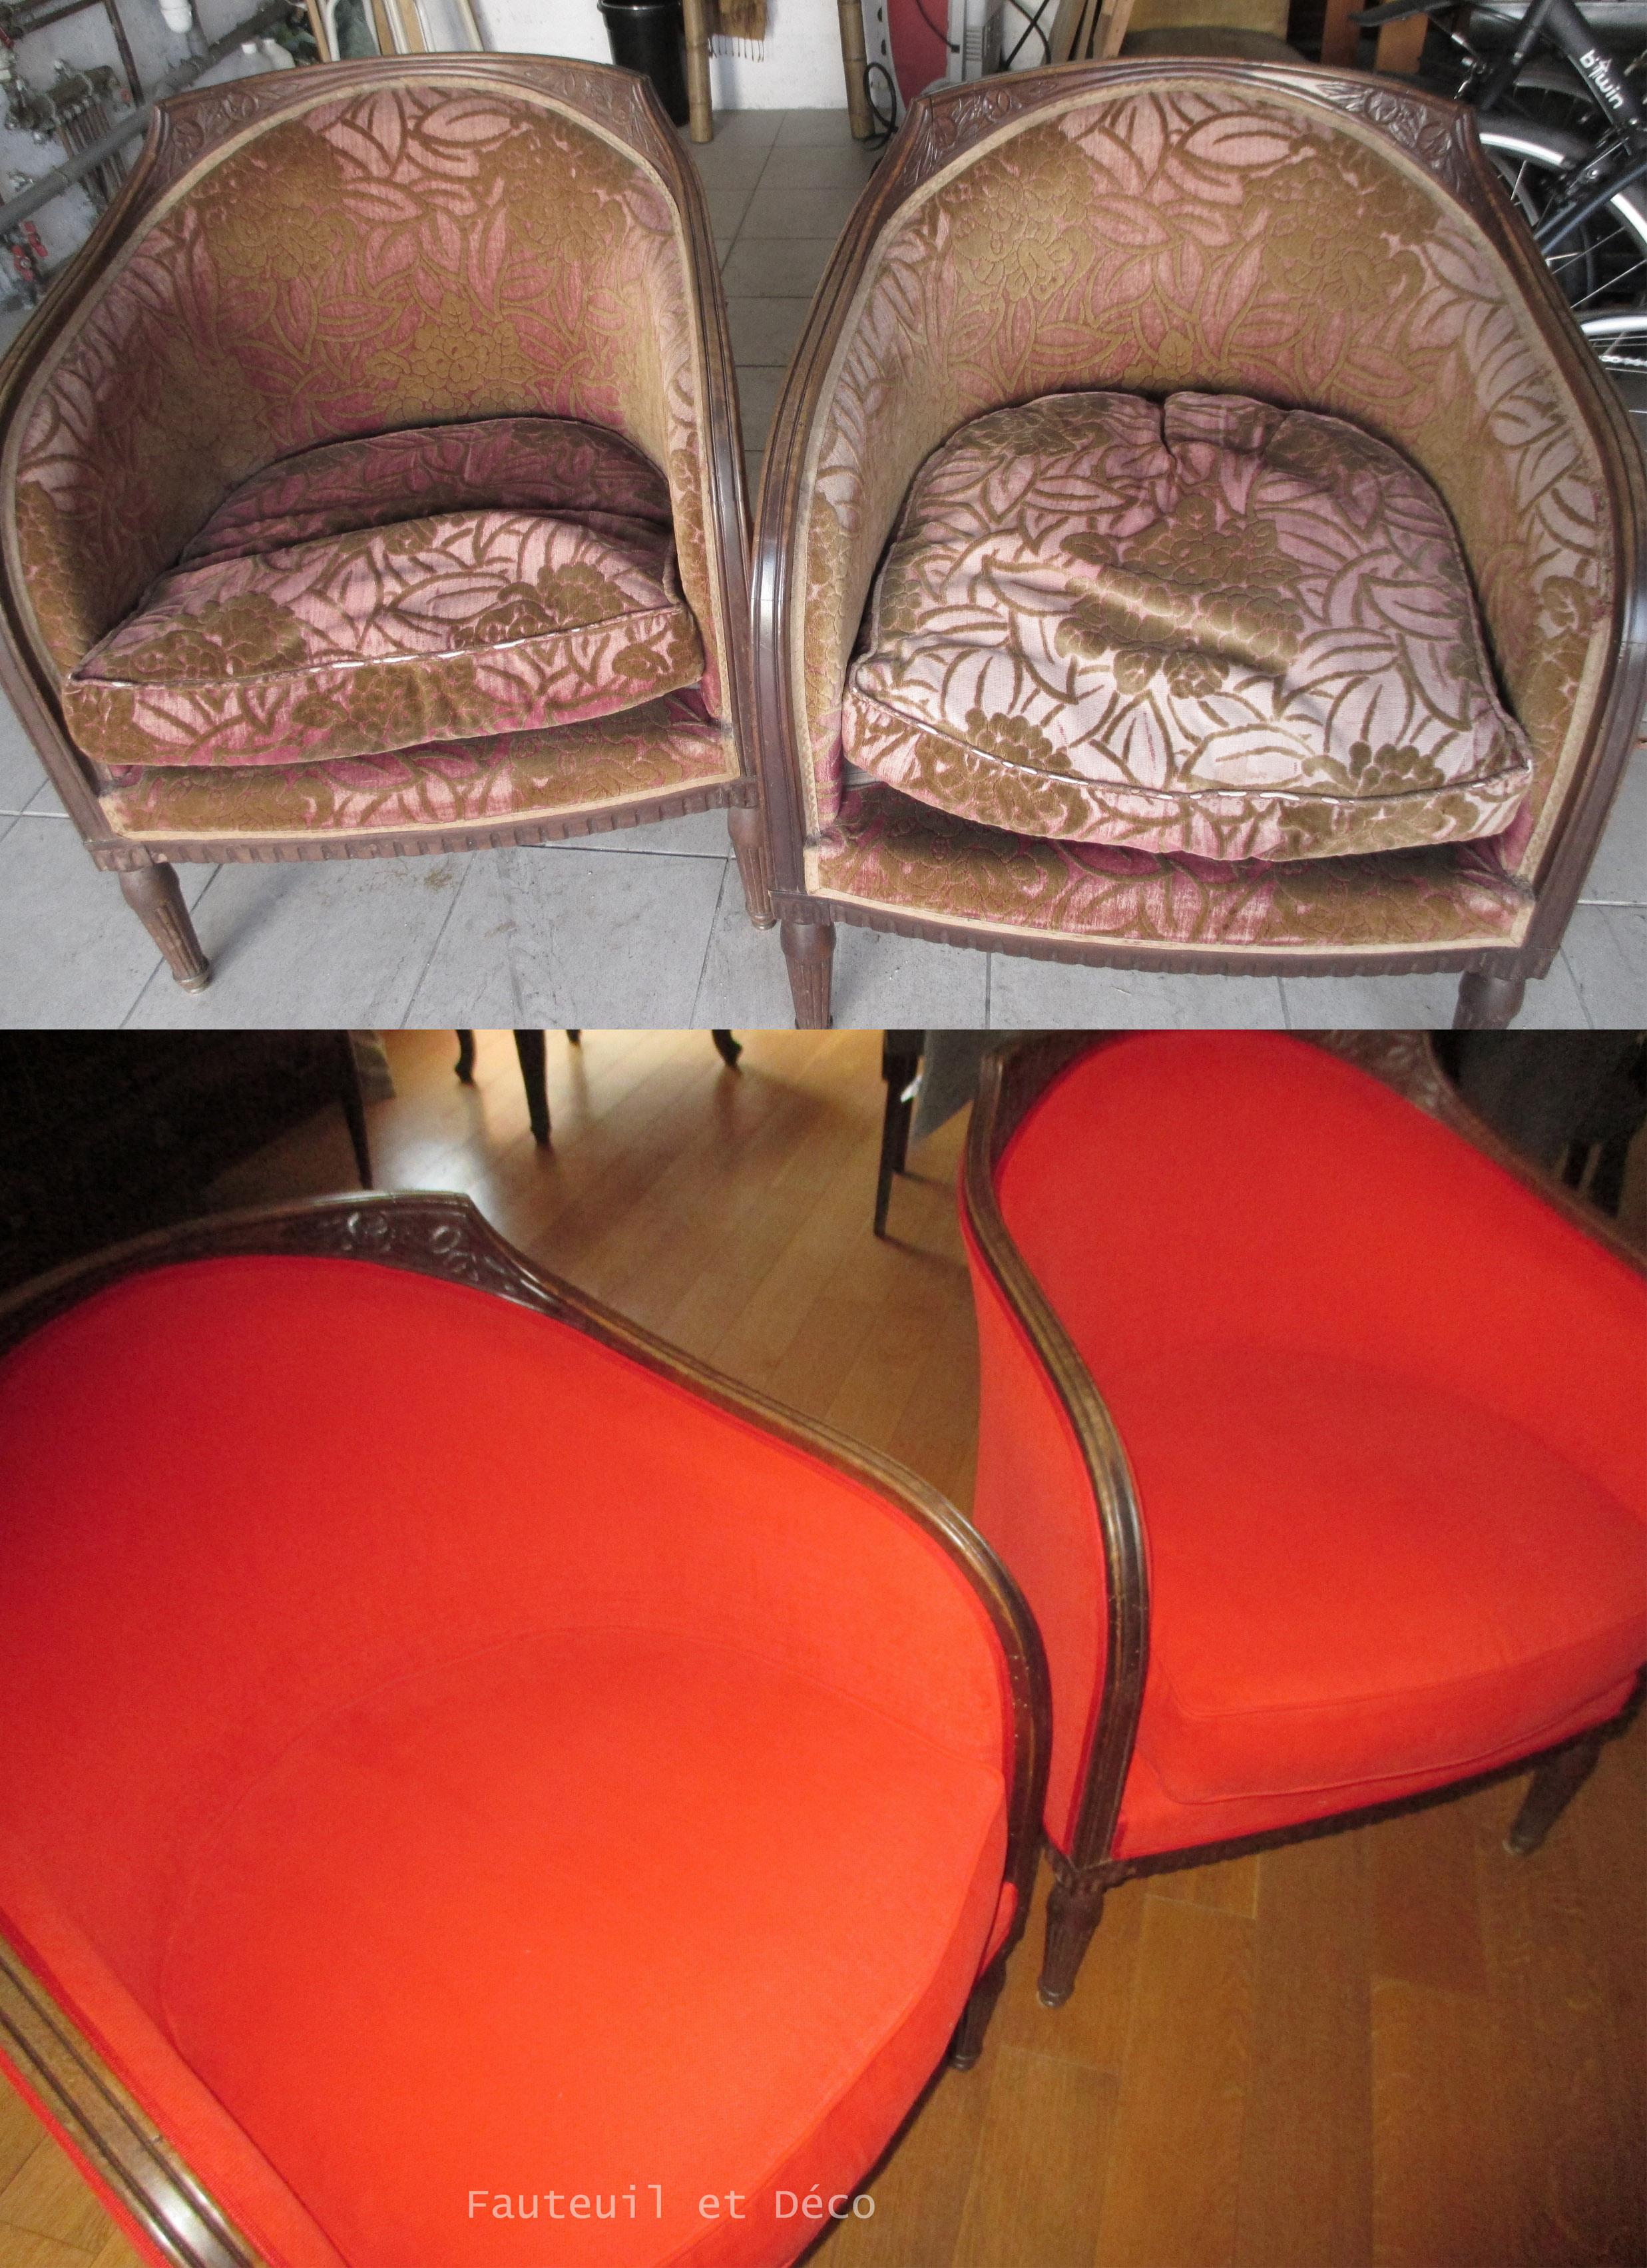 fauteuils art d co fauteuil d co. Black Bedroom Furniture Sets. Home Design Ideas